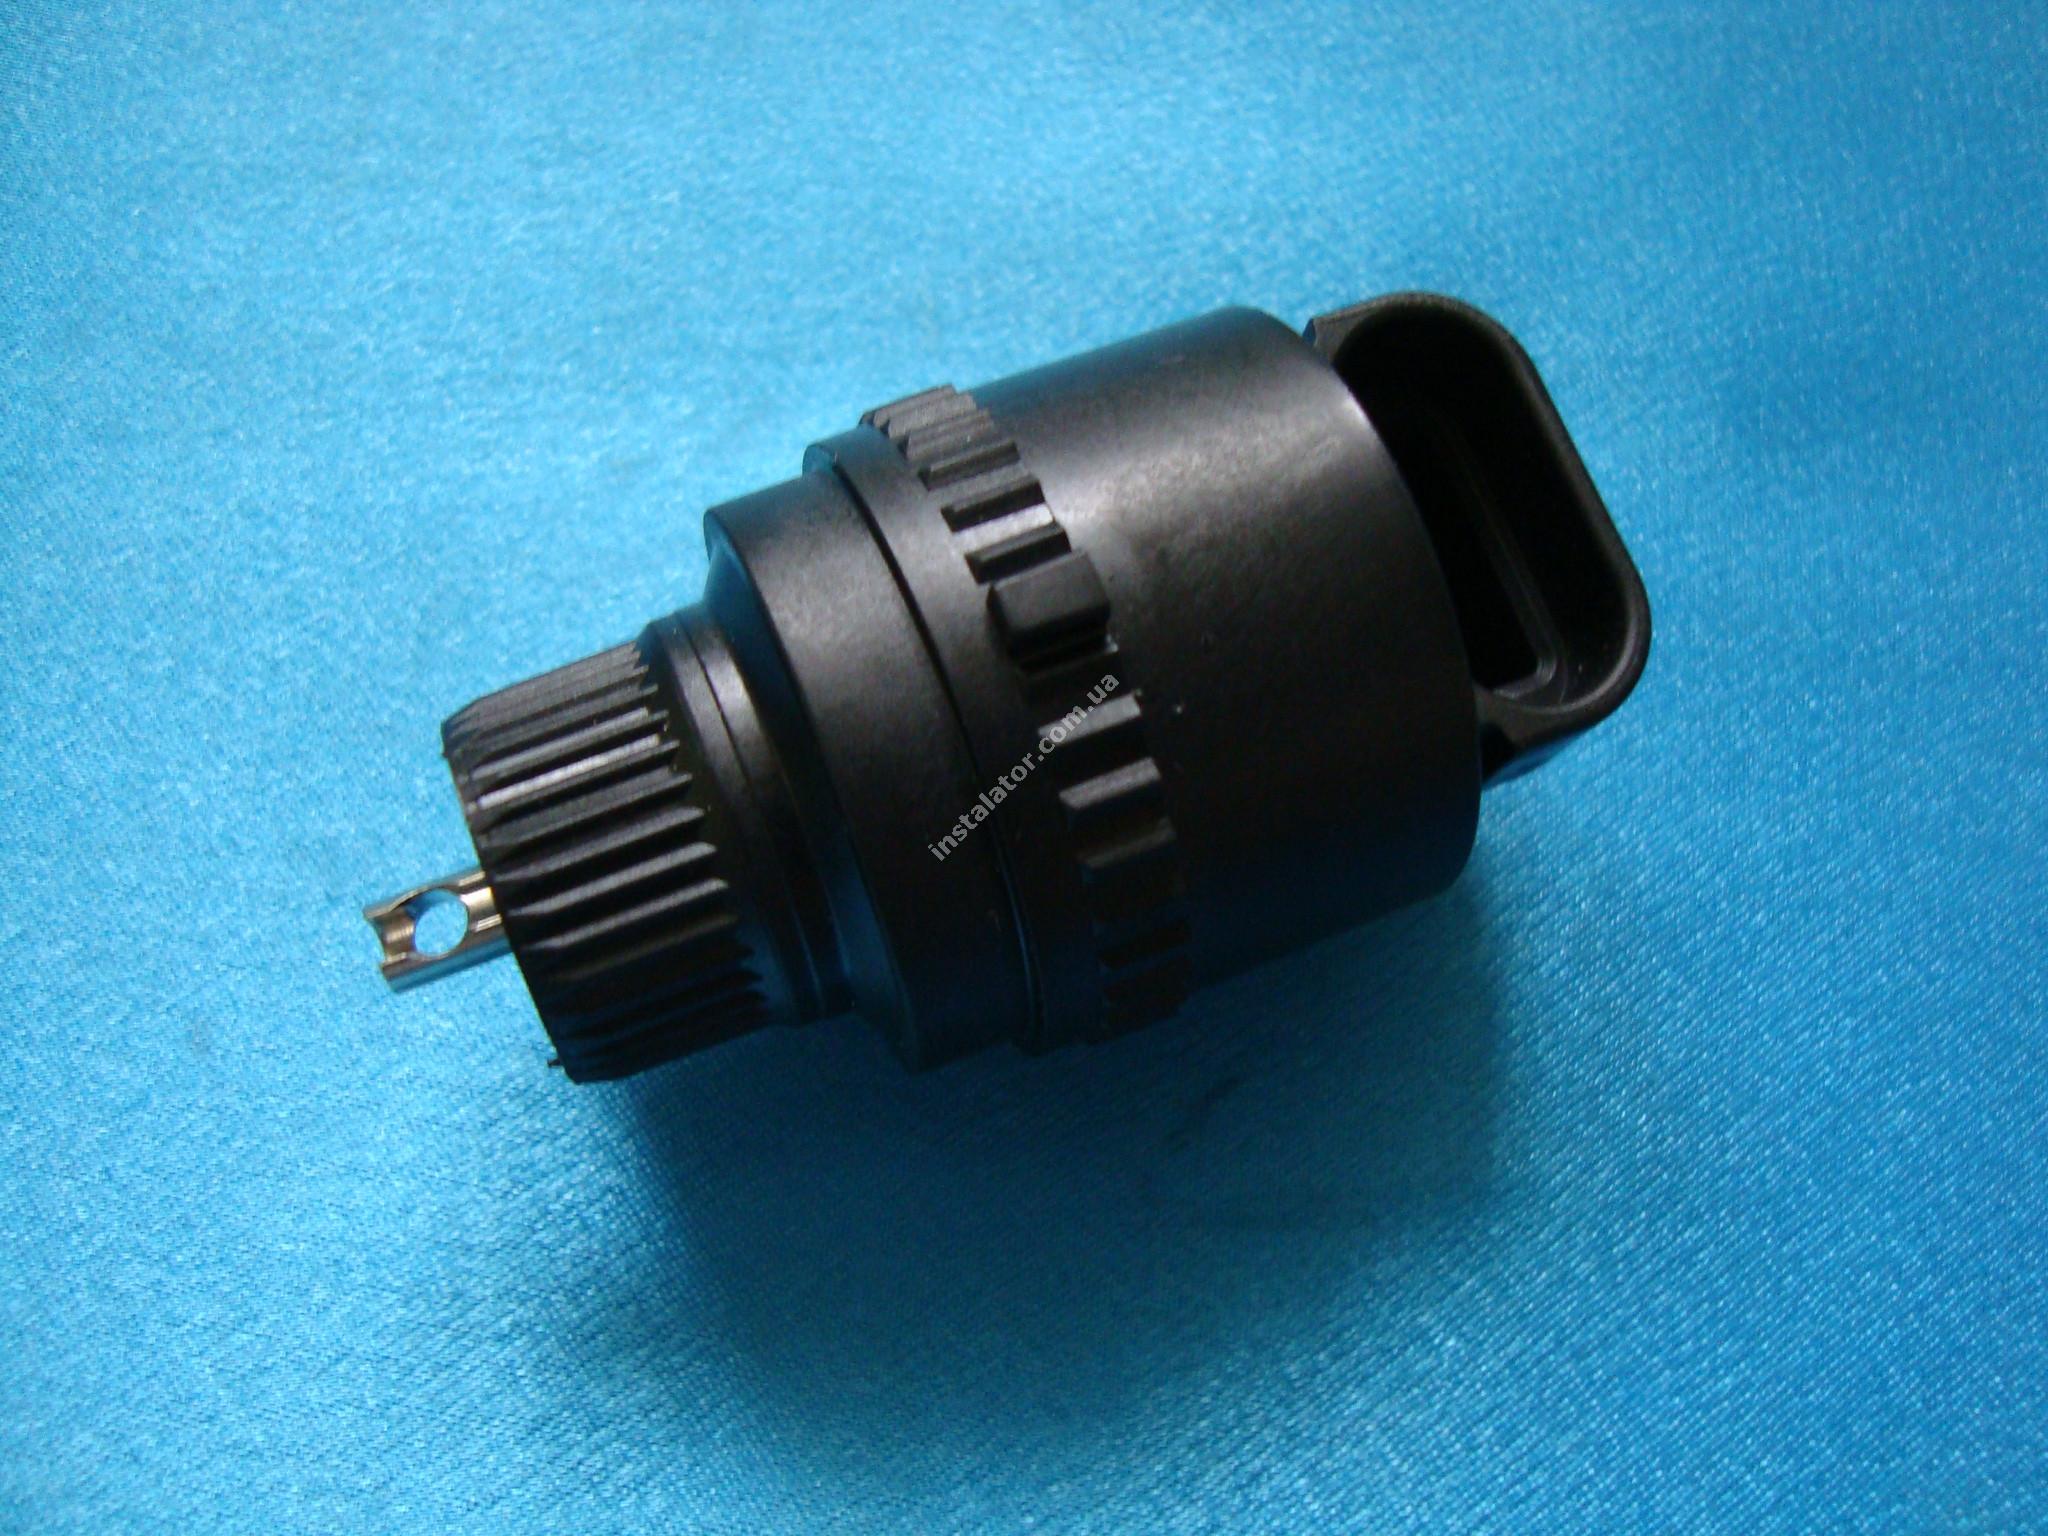 140429 Привід (сервопривід) 3-х ходового клапана VAILLANT TURBOmax, ATMOmax Pro\Plus